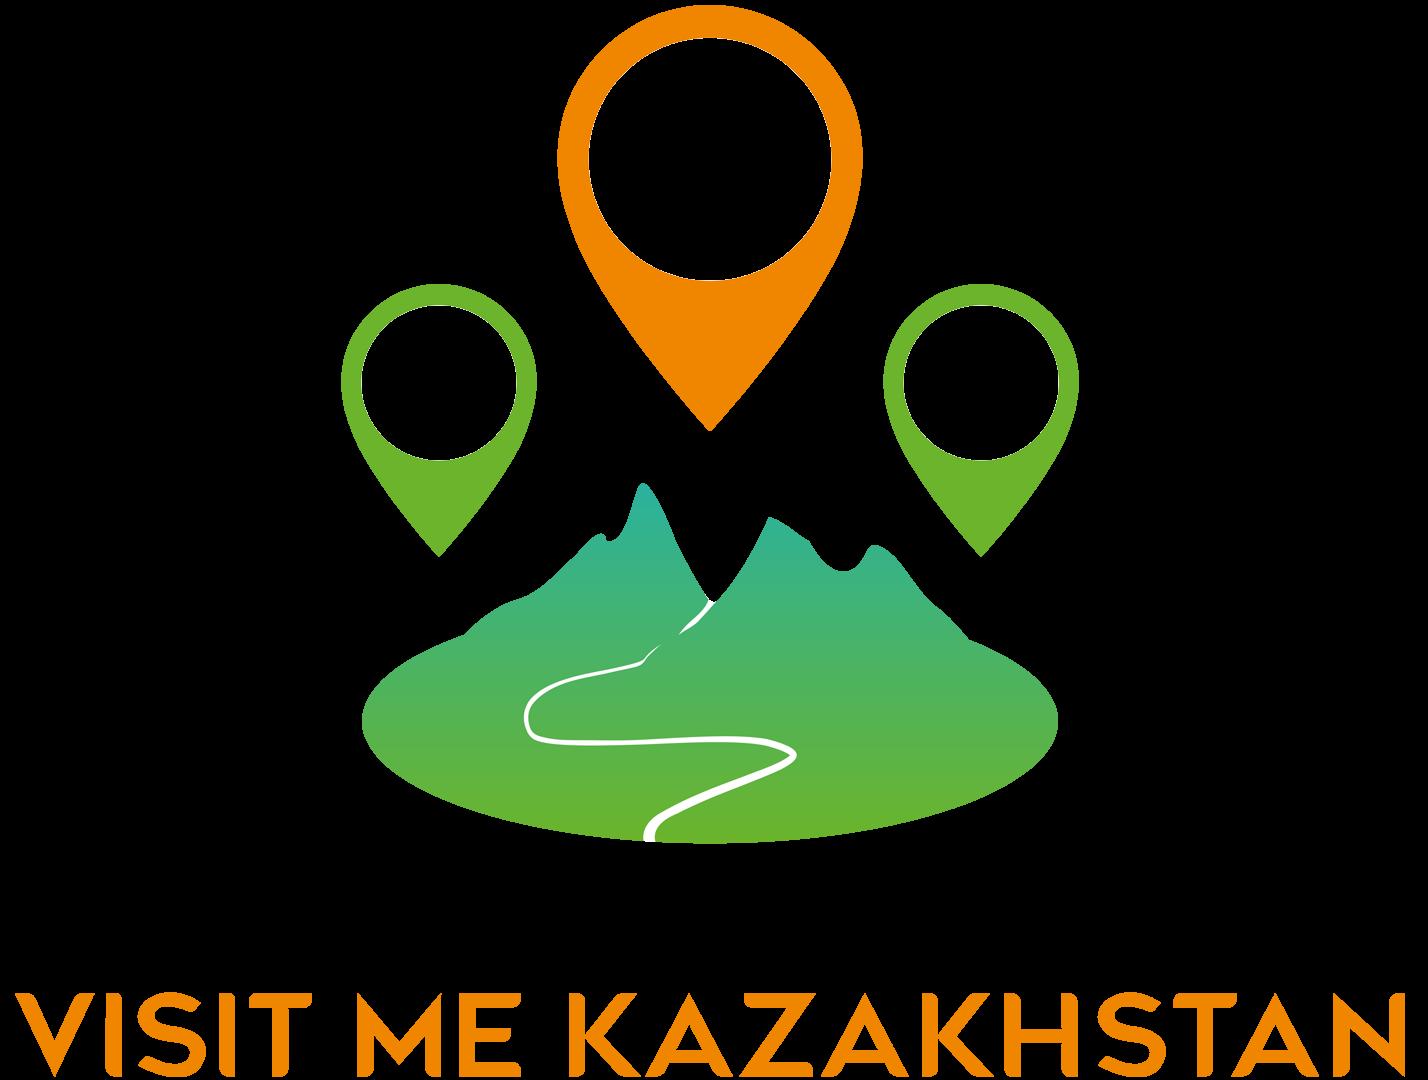 Visit Kazakhstan